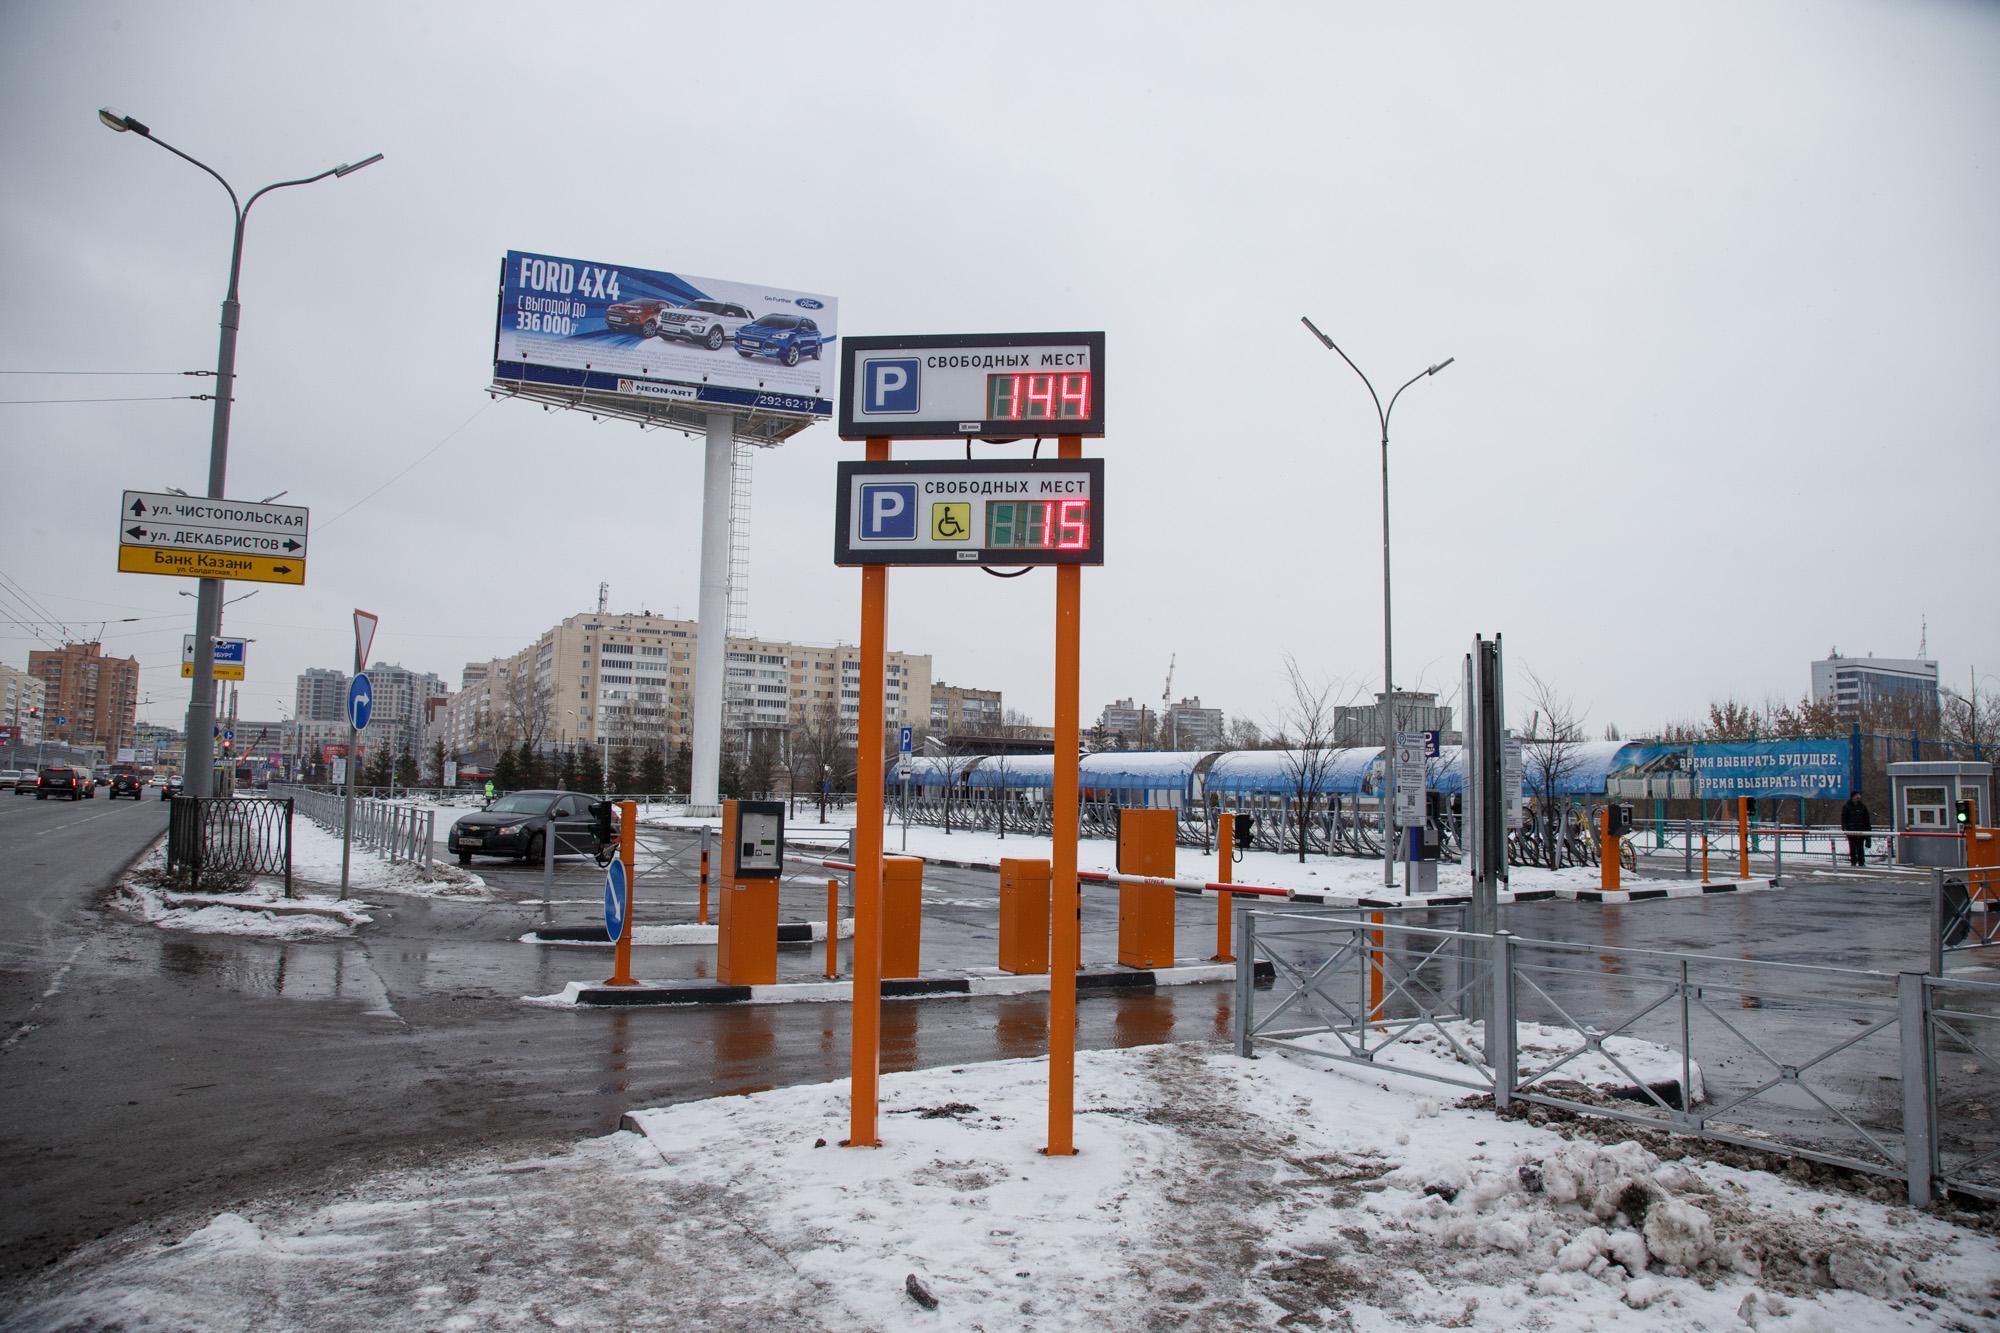 ВКазани открылась первая перехватывающая стоянка на150 мест